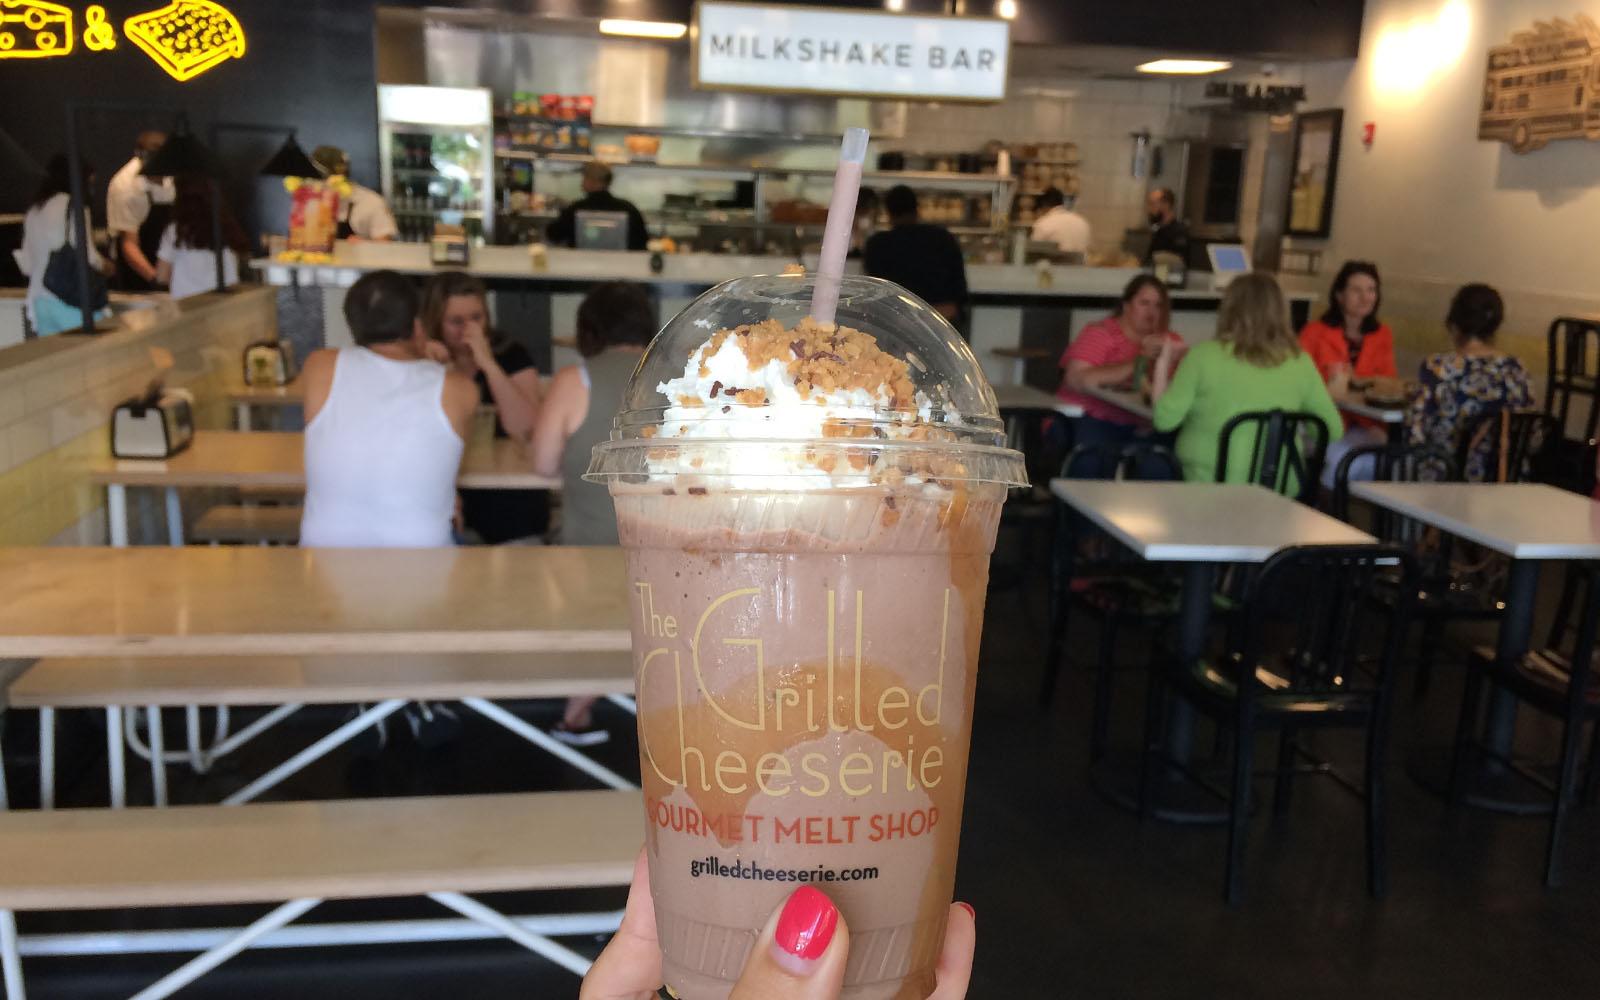 Il milkshake ordinato da The Grilled Cheeserie, a Nashville.